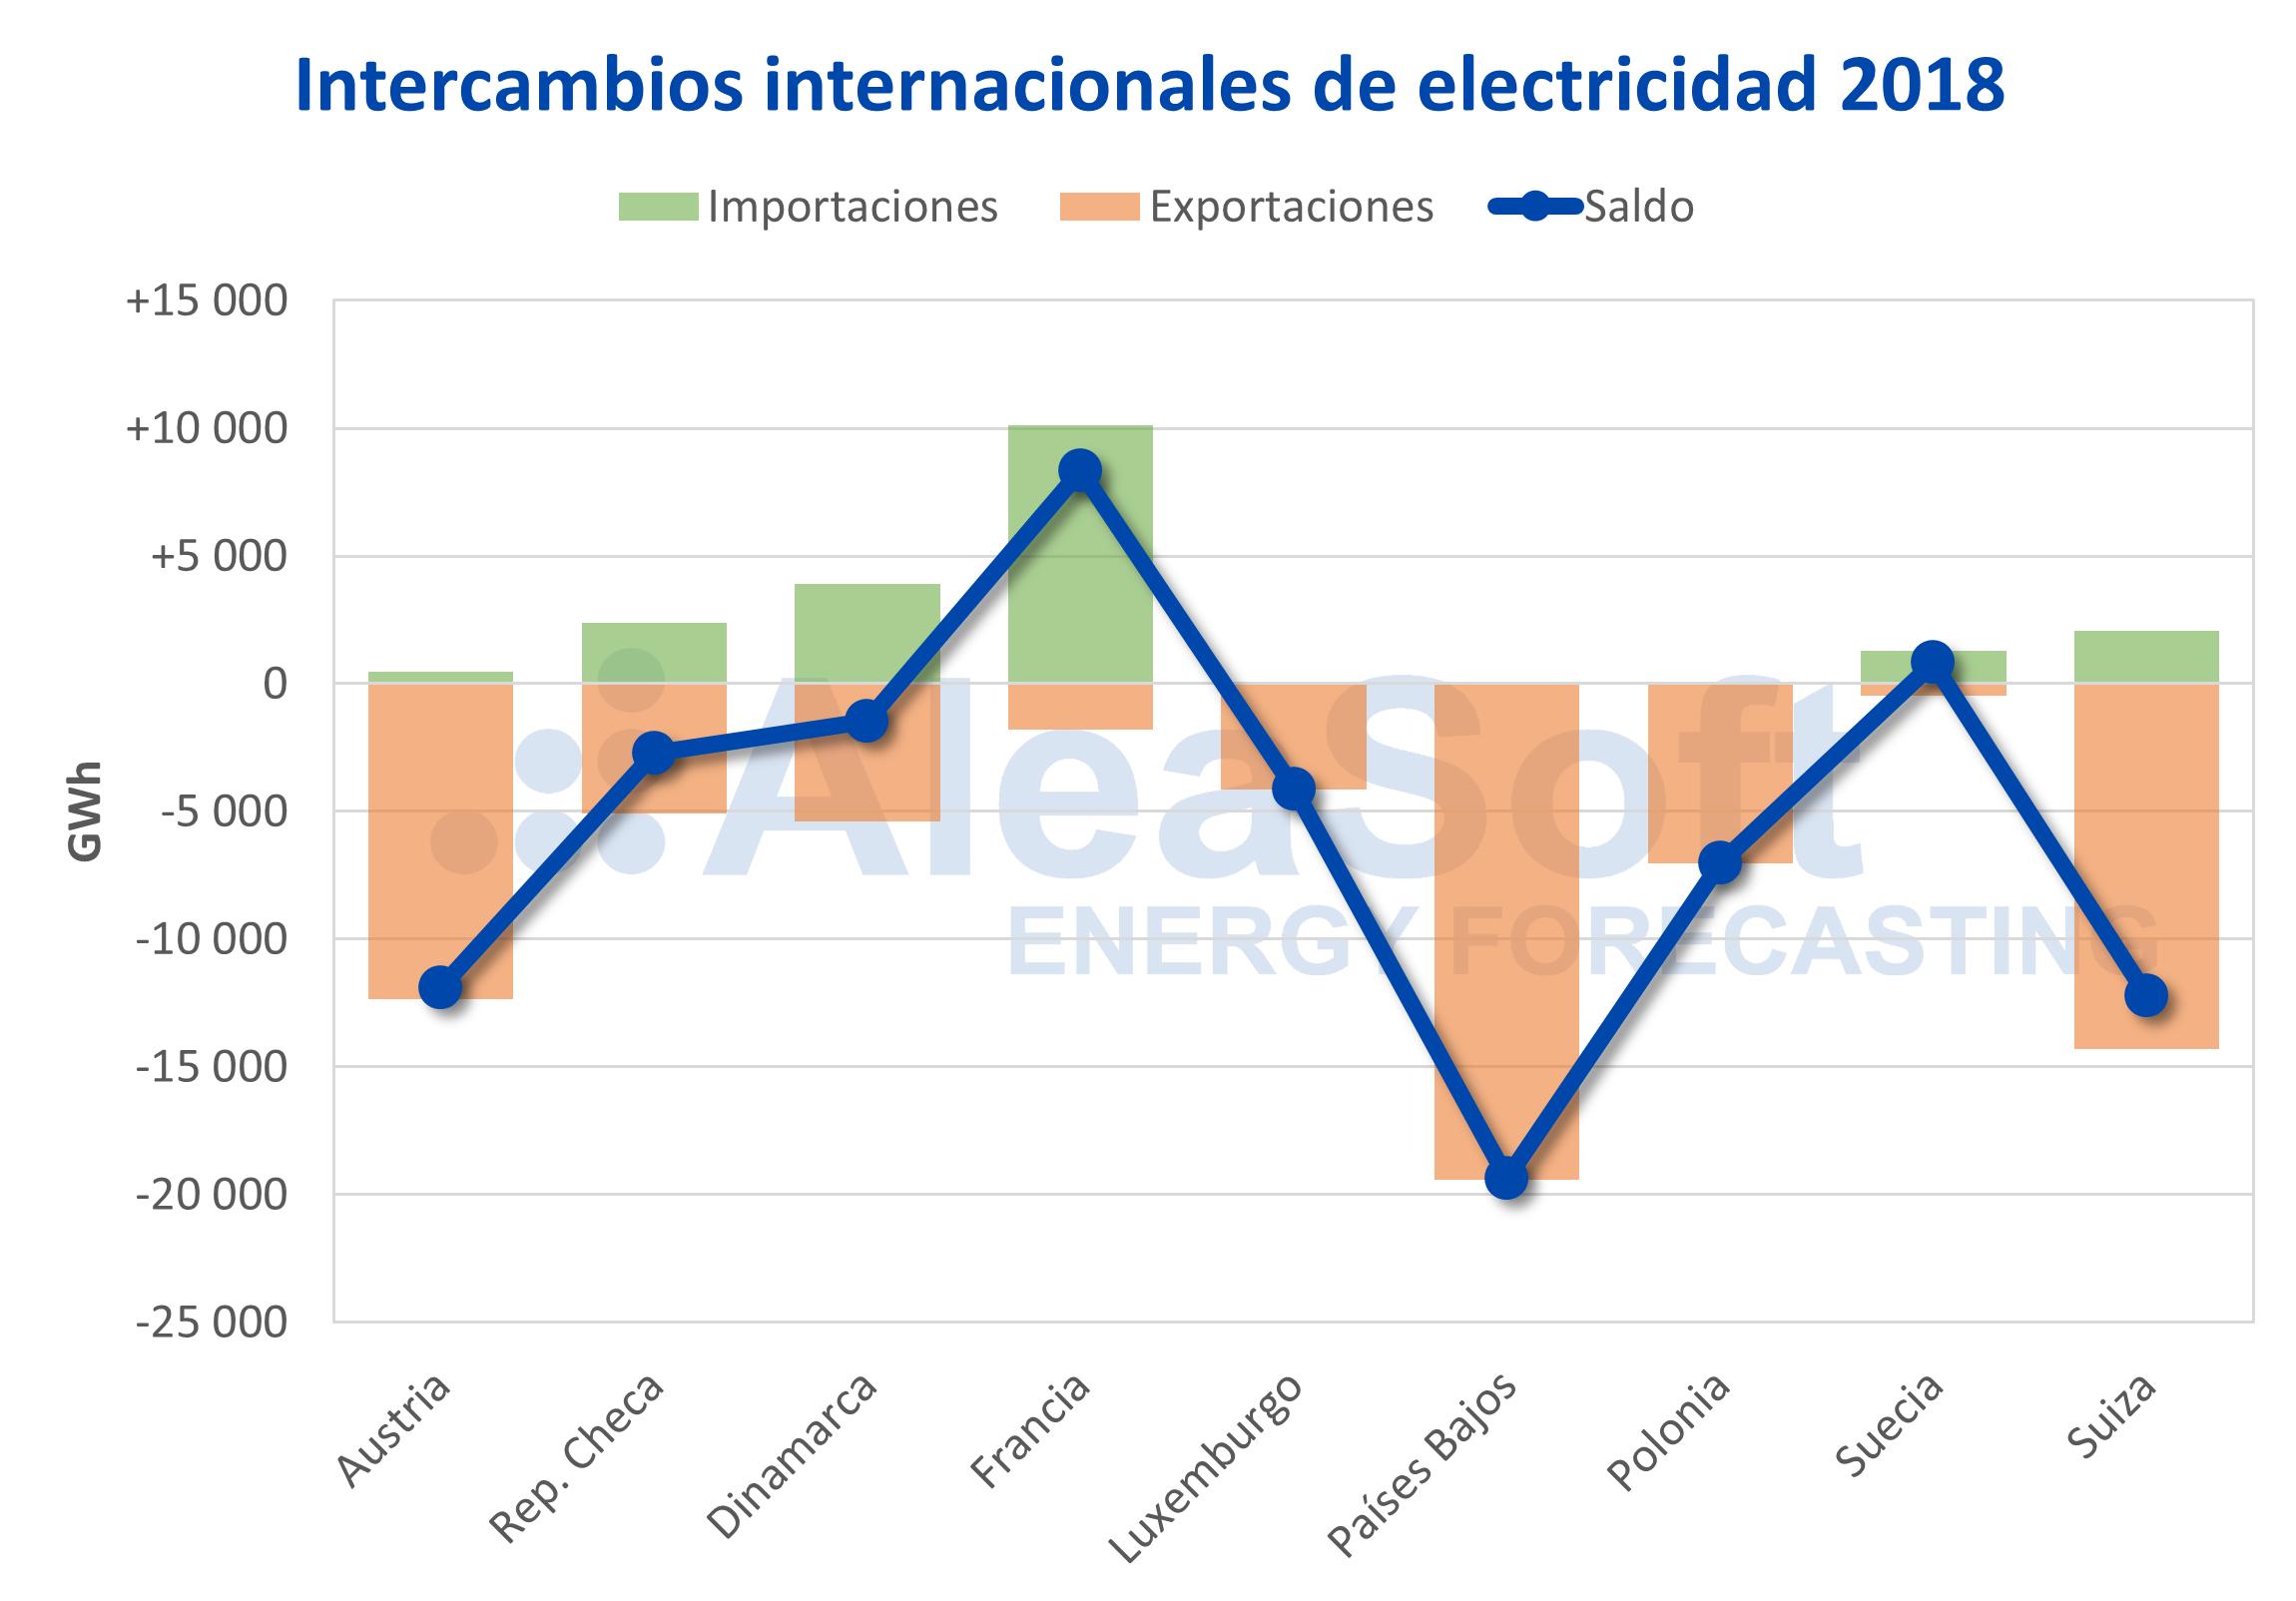 AleaSoft - Alemania intercambios internacionales electricidad 2018